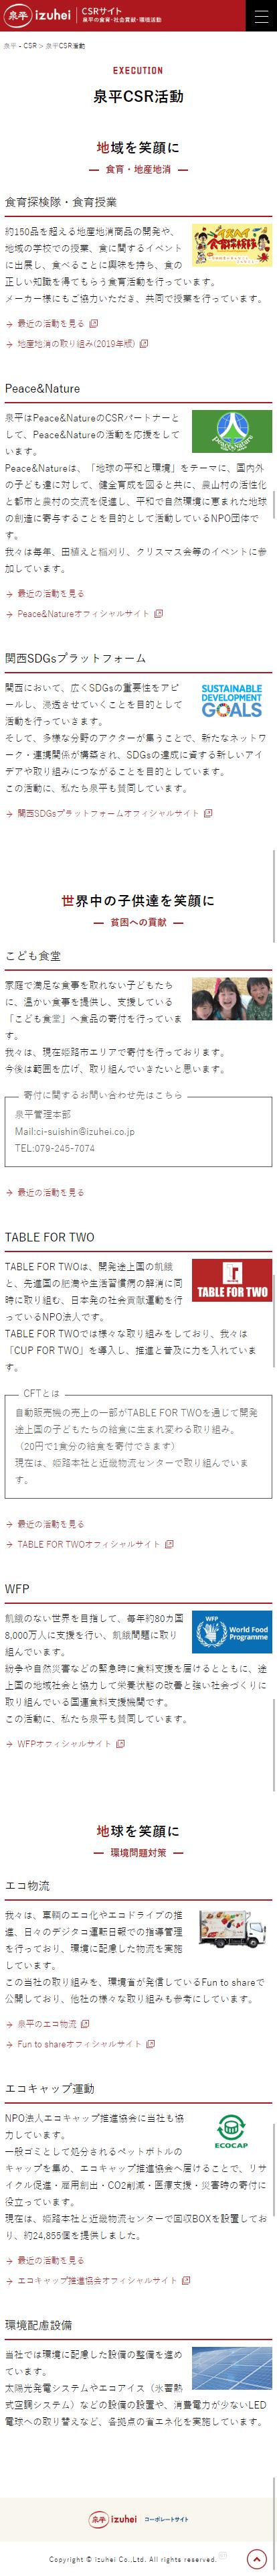 姫路市 株式会社泉平CSRサイト ホームページ制作4